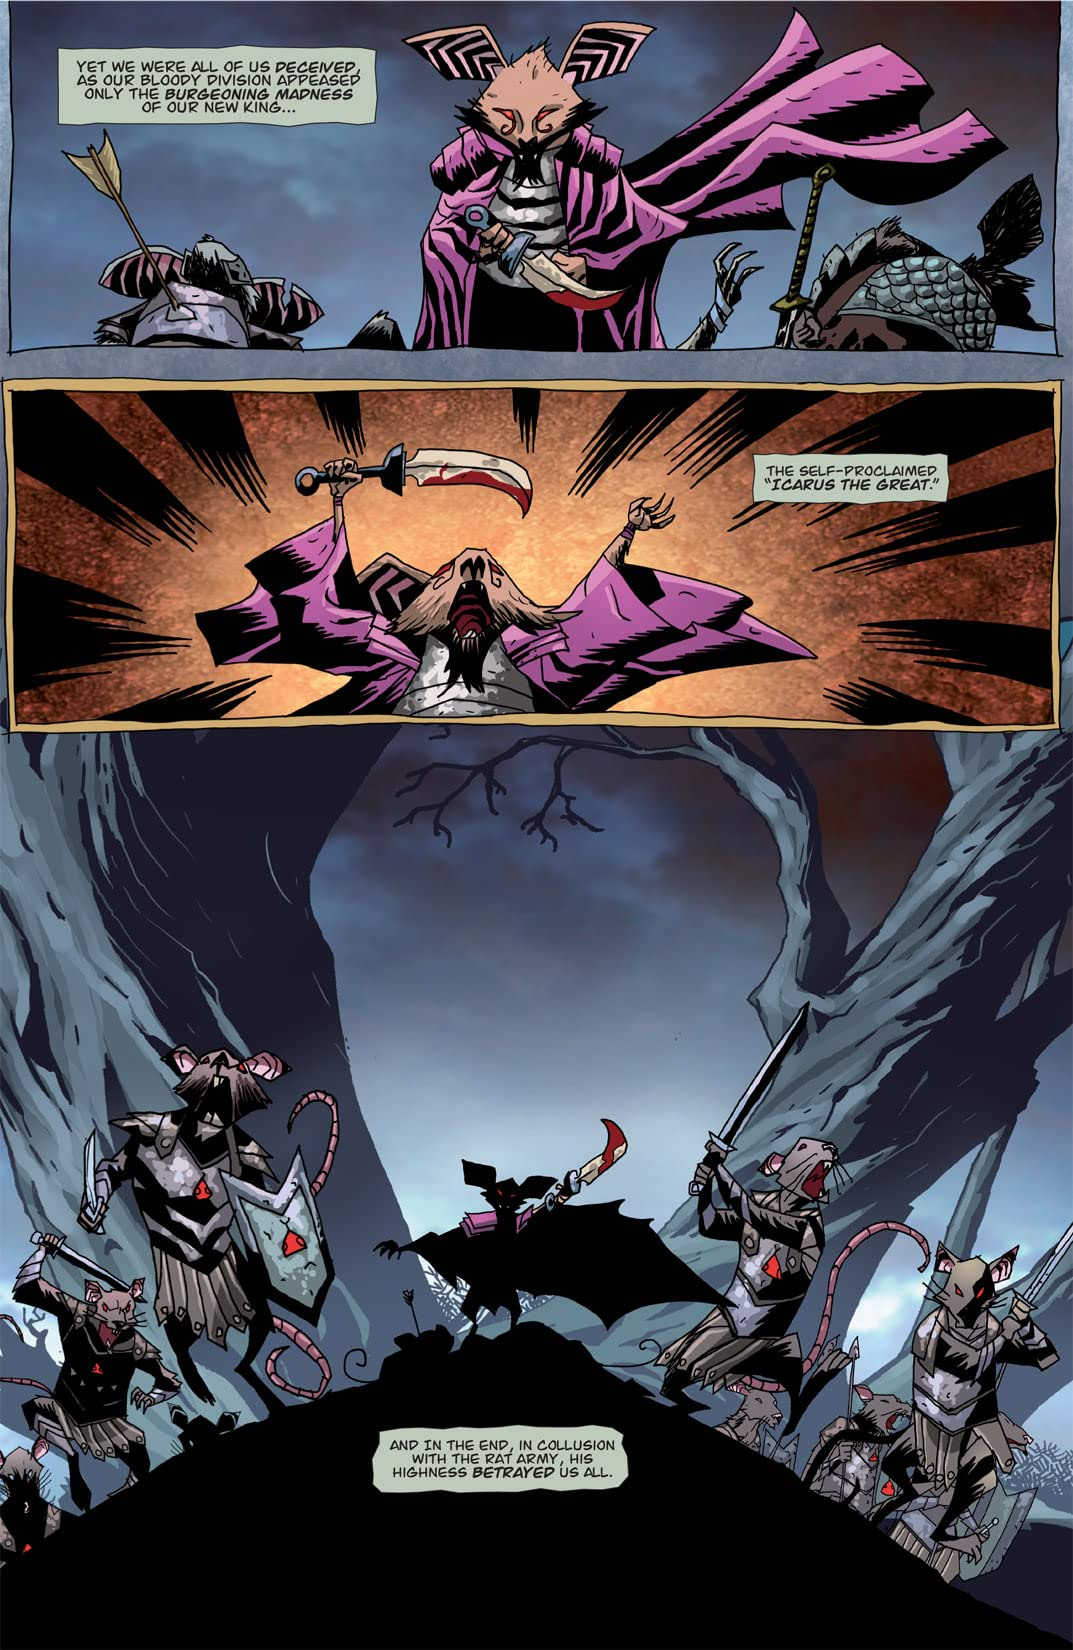 The Mice Templar Vol. 3 #1